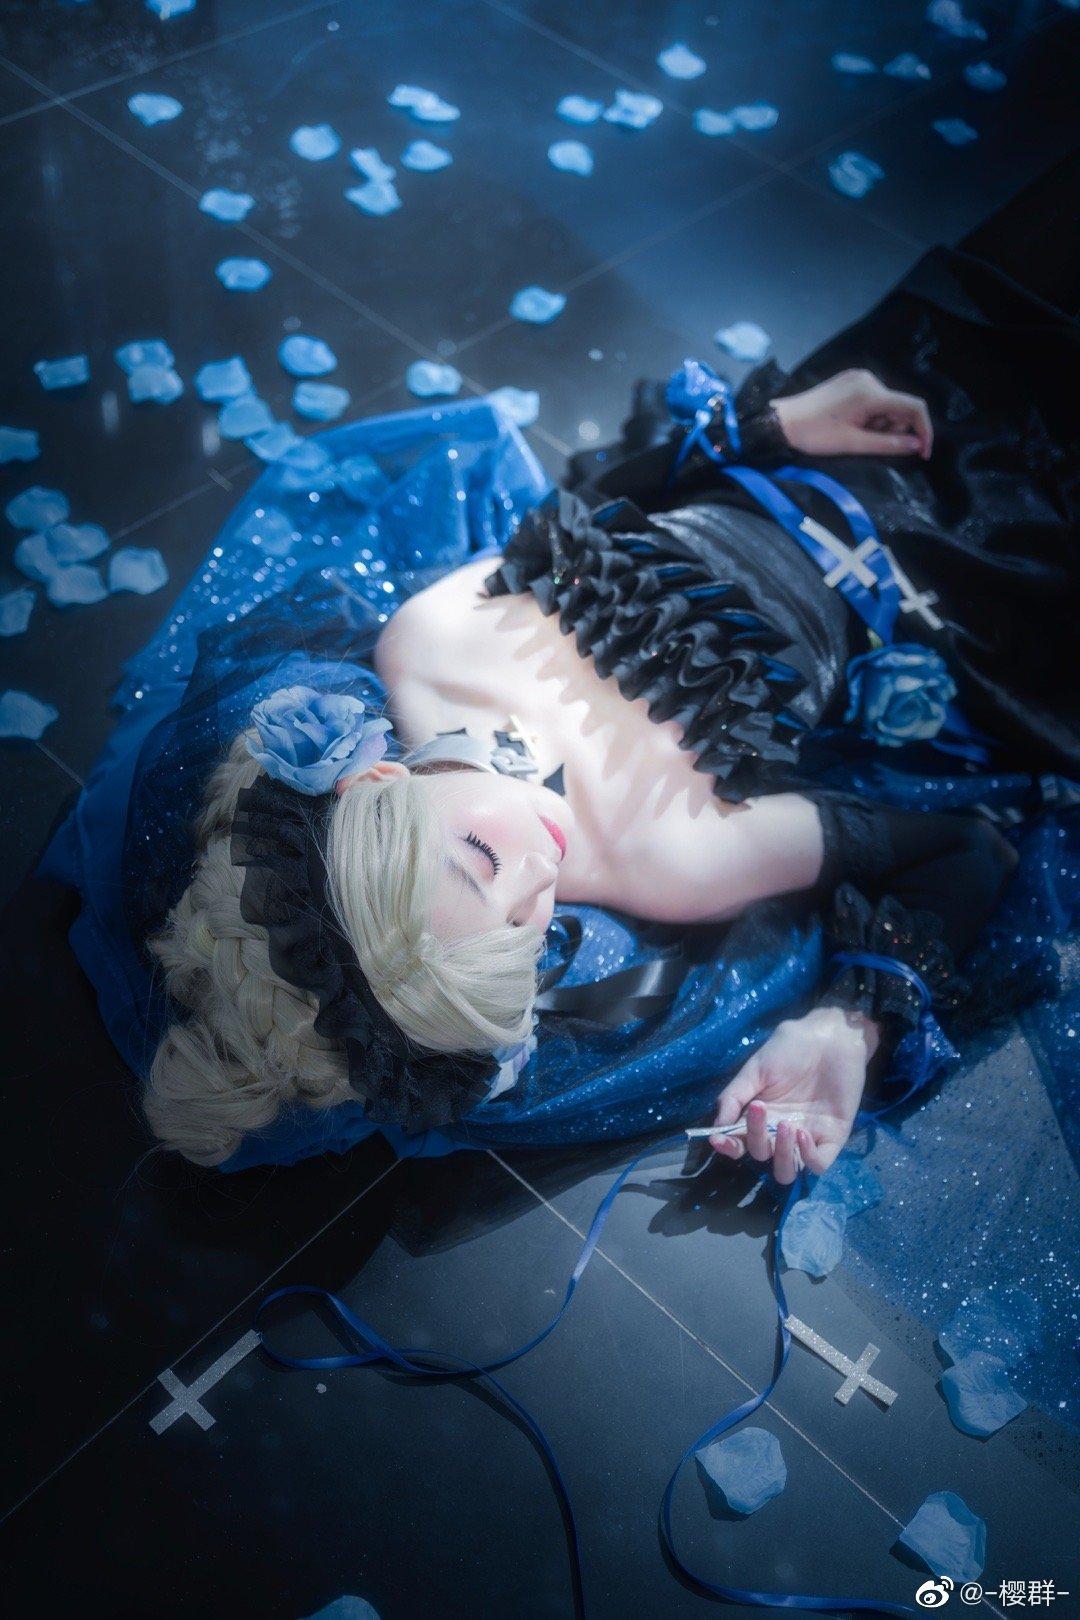 碧蓝航线   谢菲尔德-黑鸦的晚宴   @-樱群- (9P)-第3张